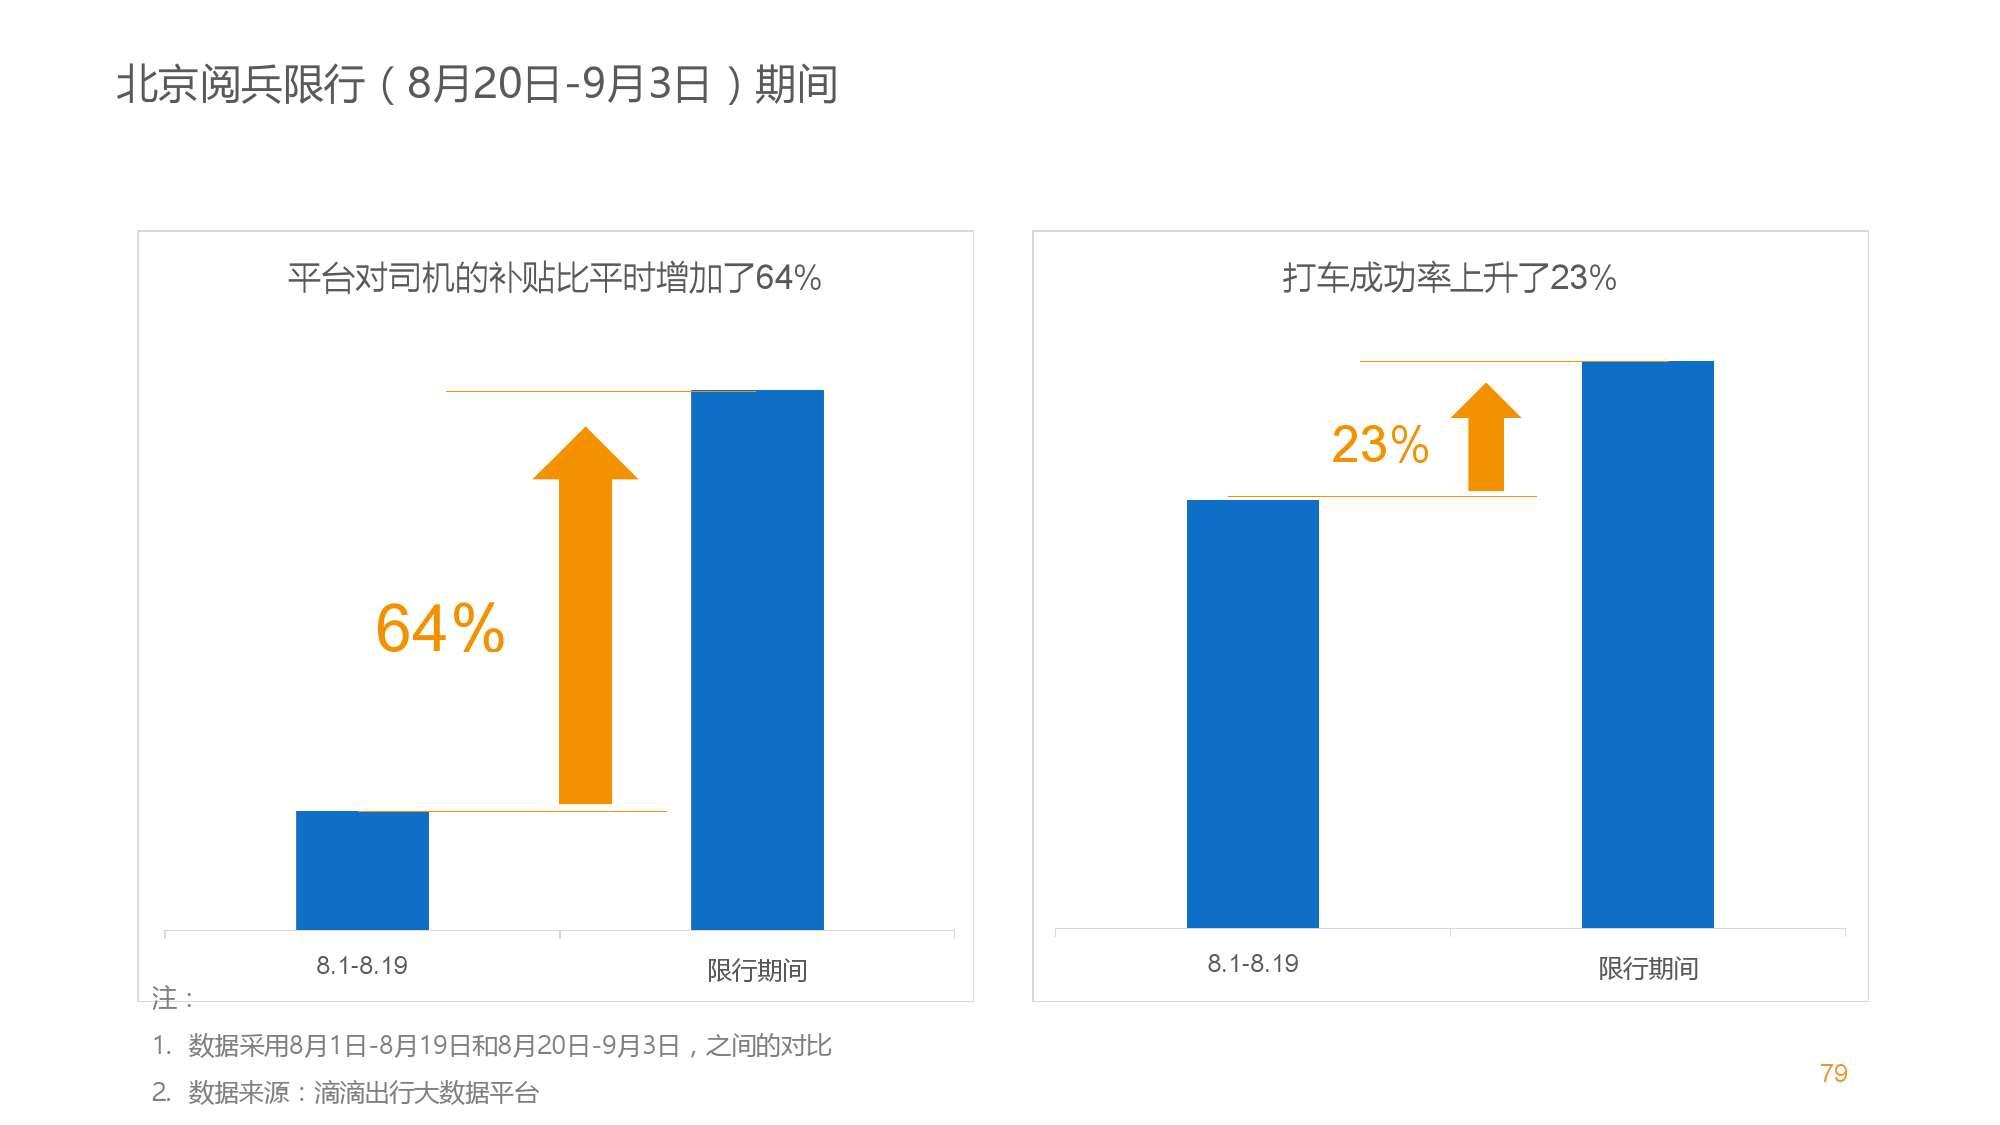 中国智能出行2015大数据报告_000079